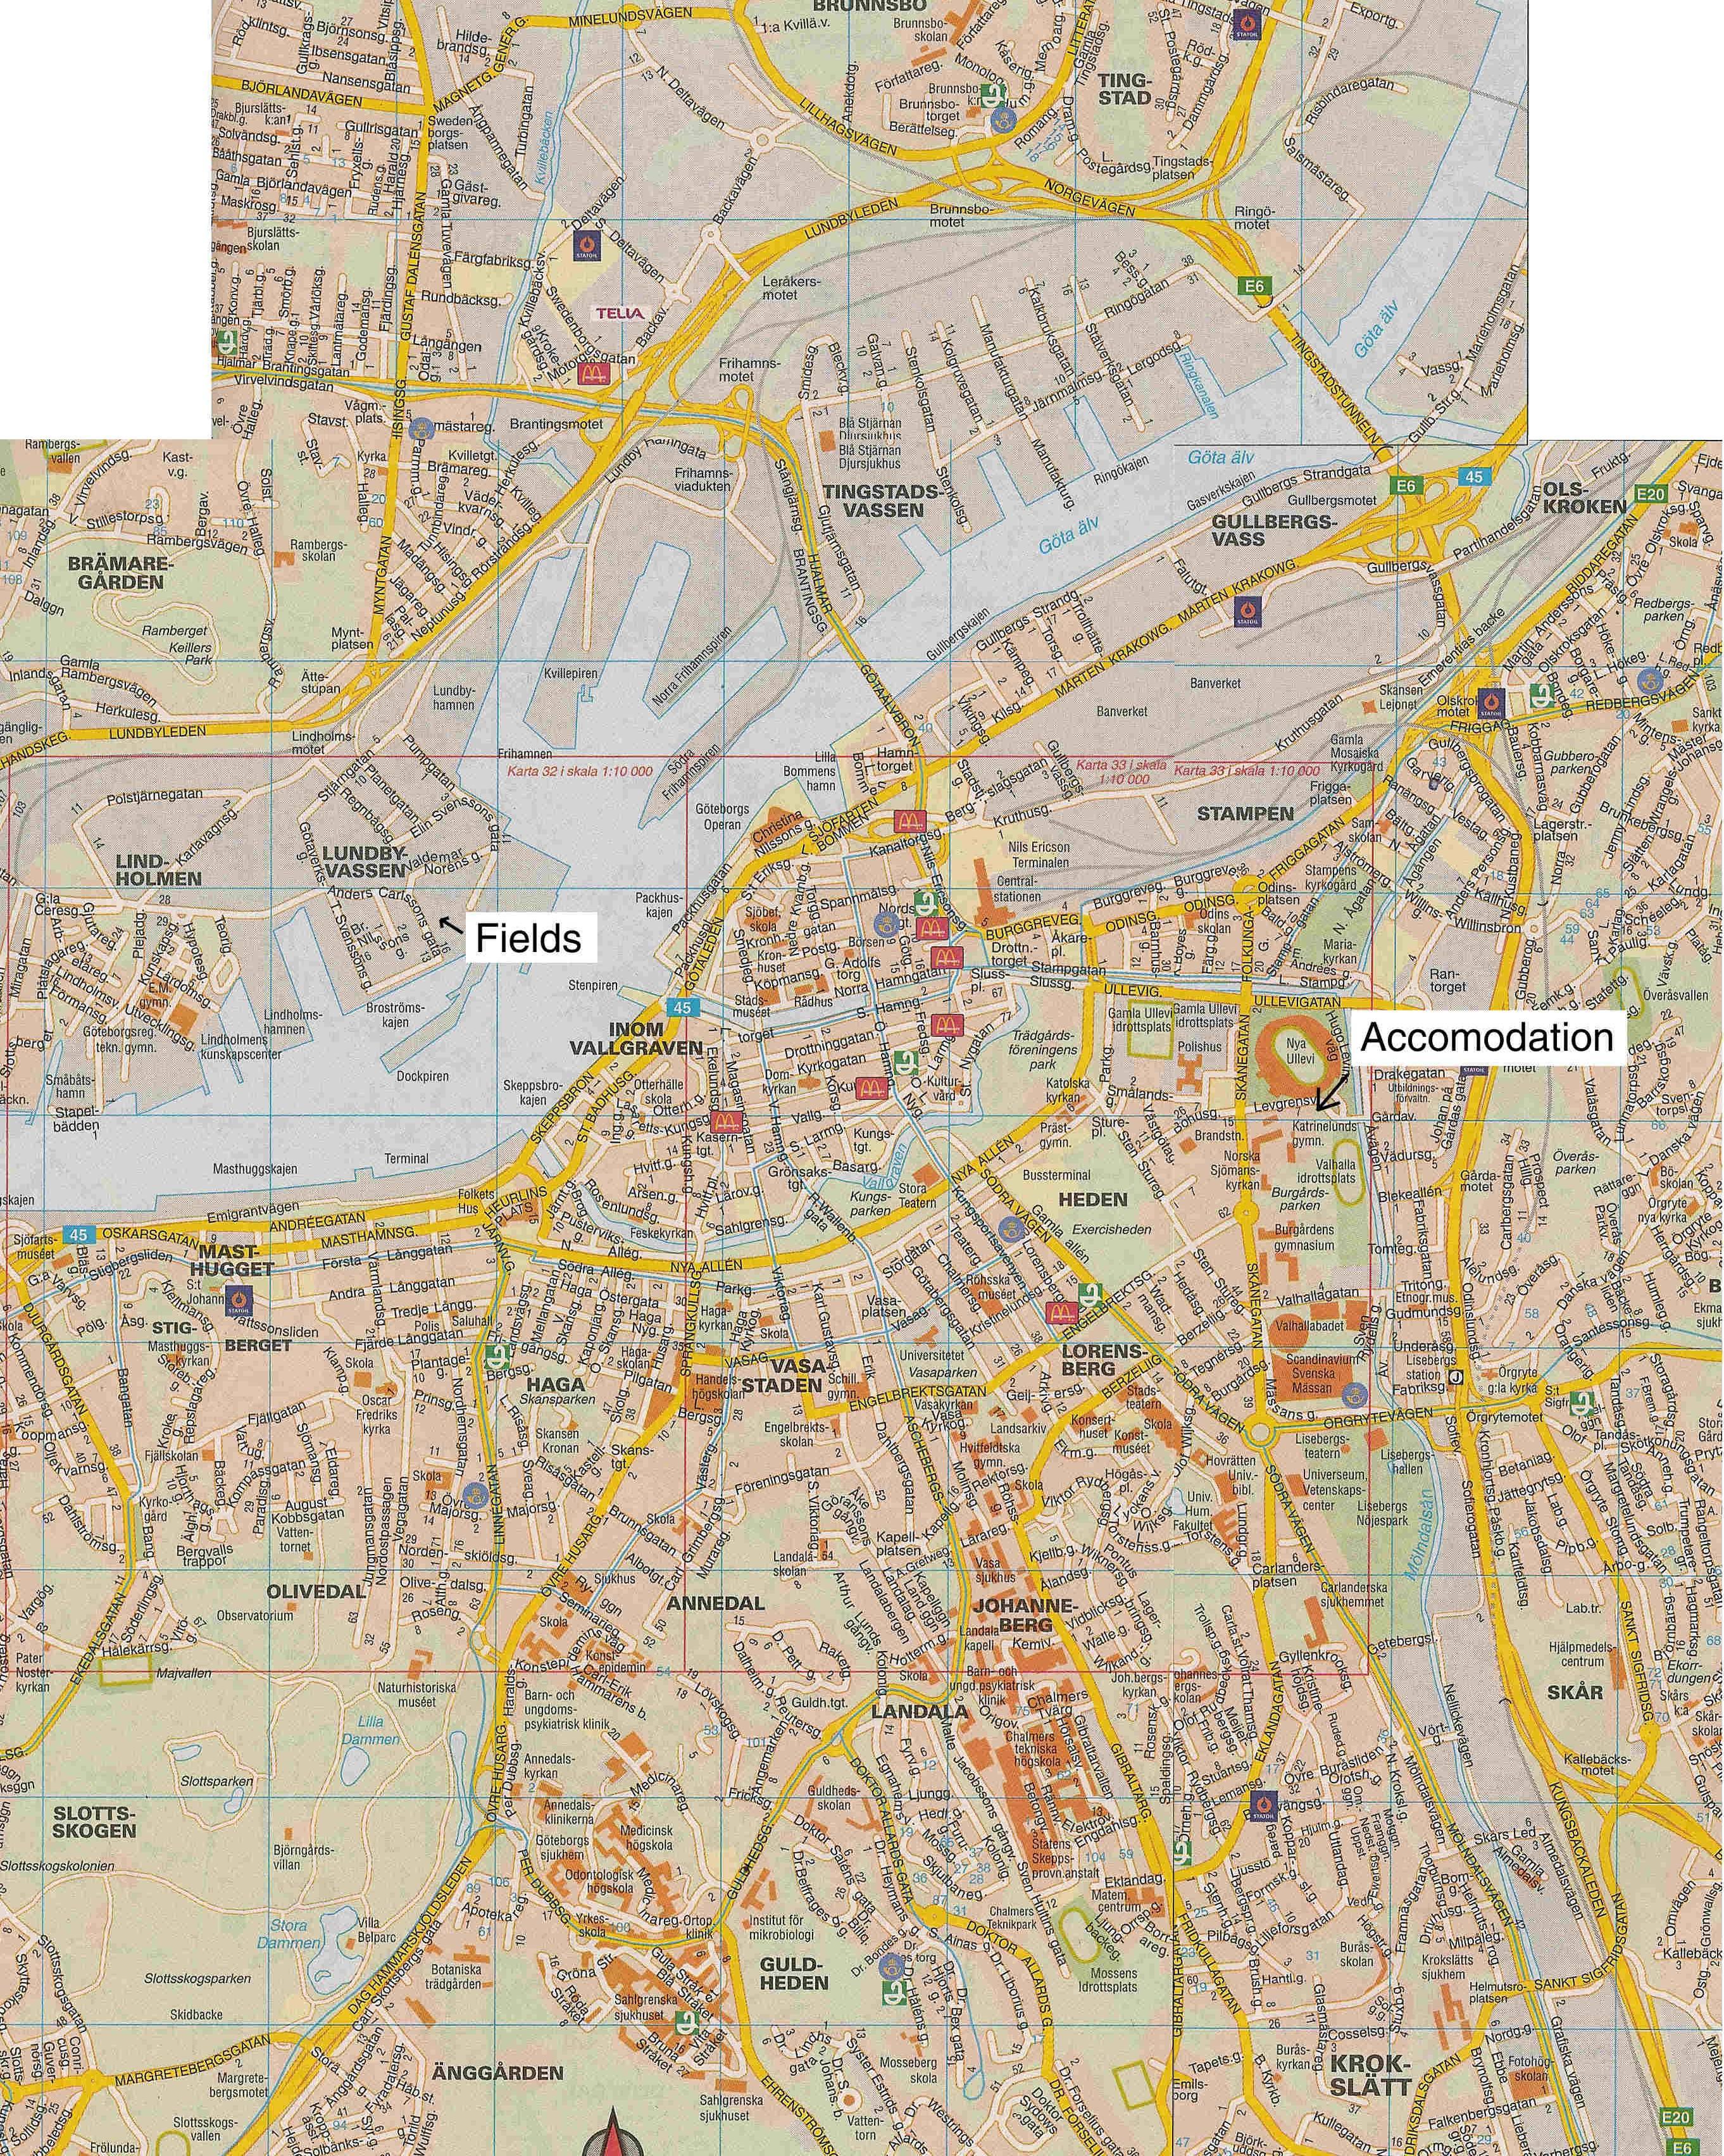 瑞典越特堡地图,瑞典地图高清中文版